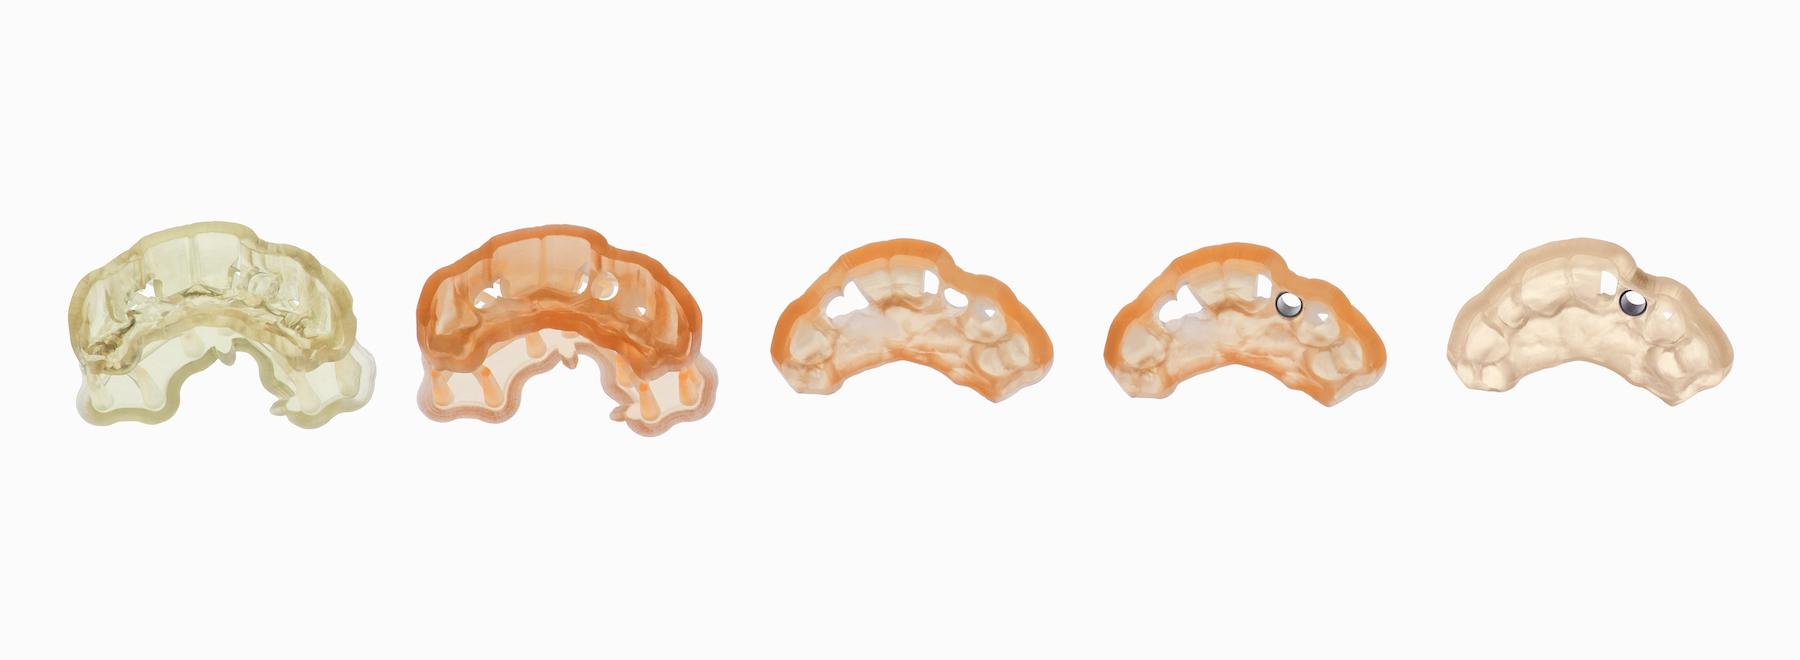 سرجیکال گاید یا راهنمای جراحی دندانپزشکی پرینت شده با SLA و رزین پزشکی.